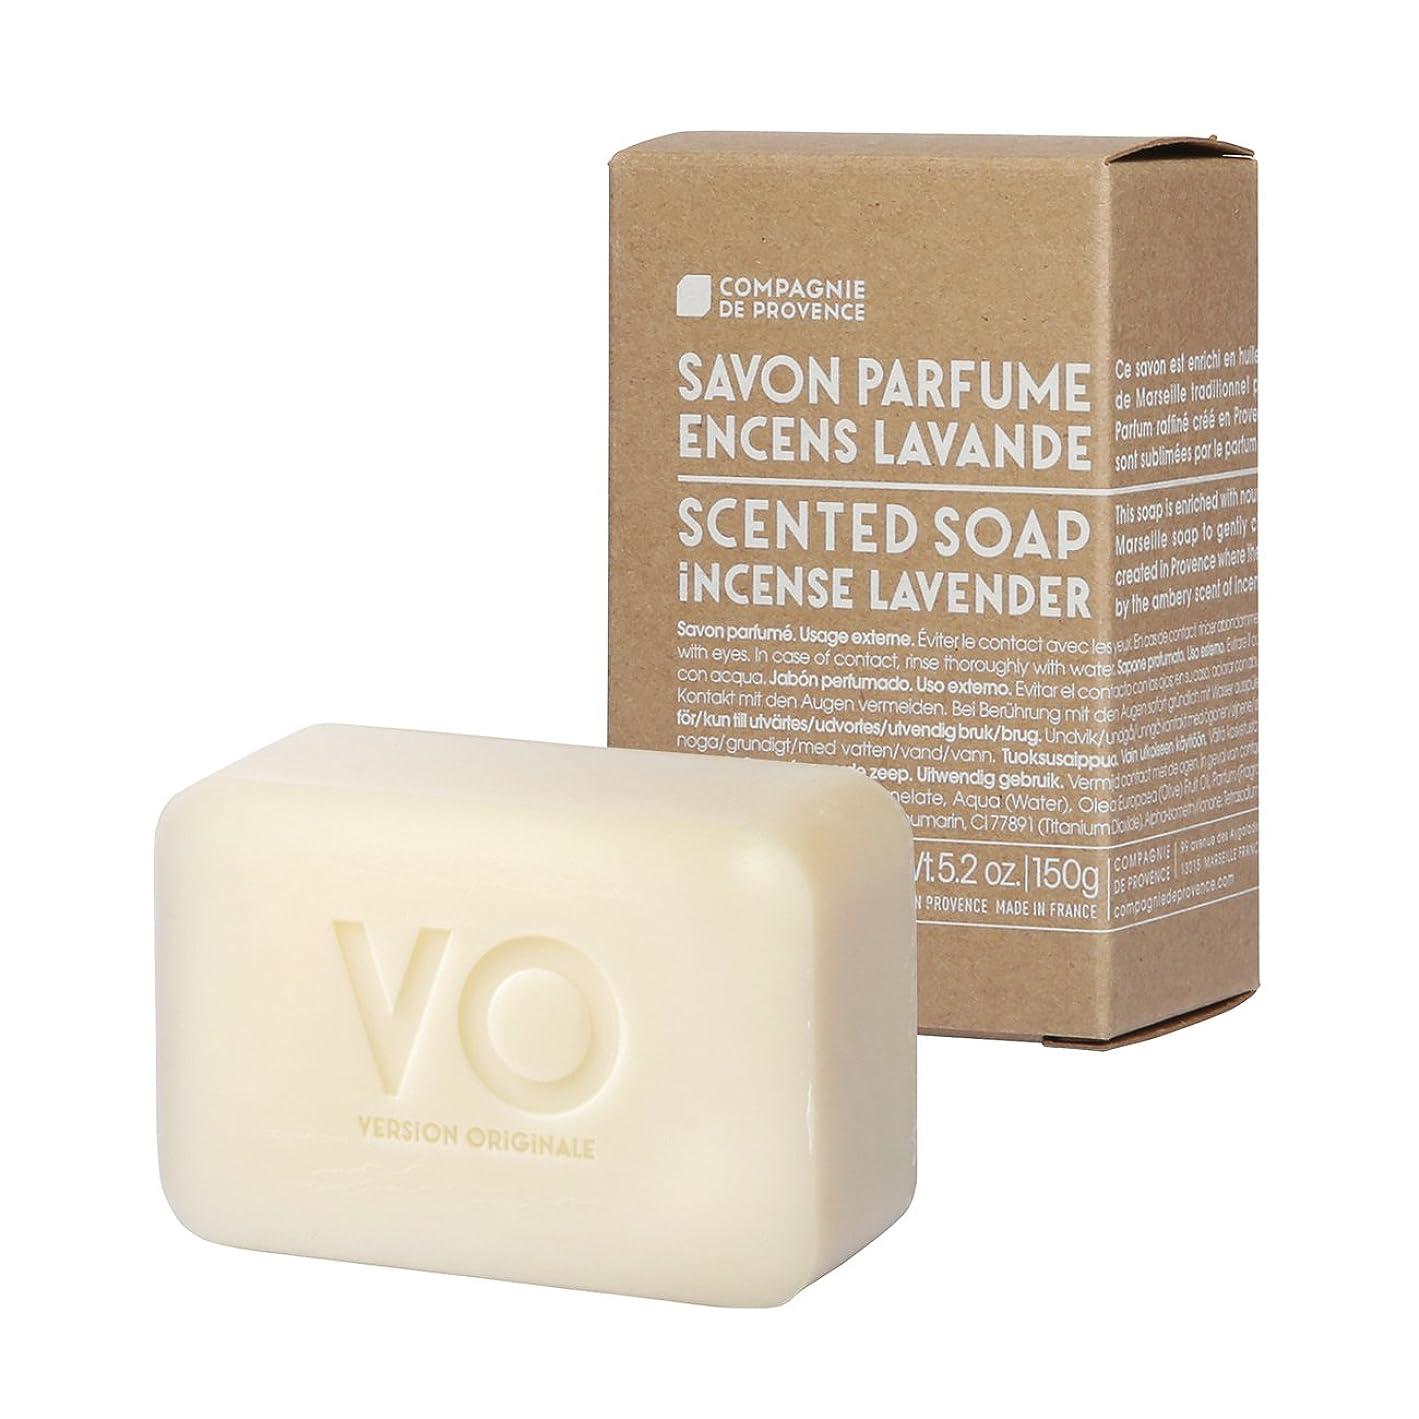 血変えるラインナップカンパニードプロバンス バージョンオリジナル センティッドソープ インセンスラベンダー(ラベンダーとお香の香り) 150g